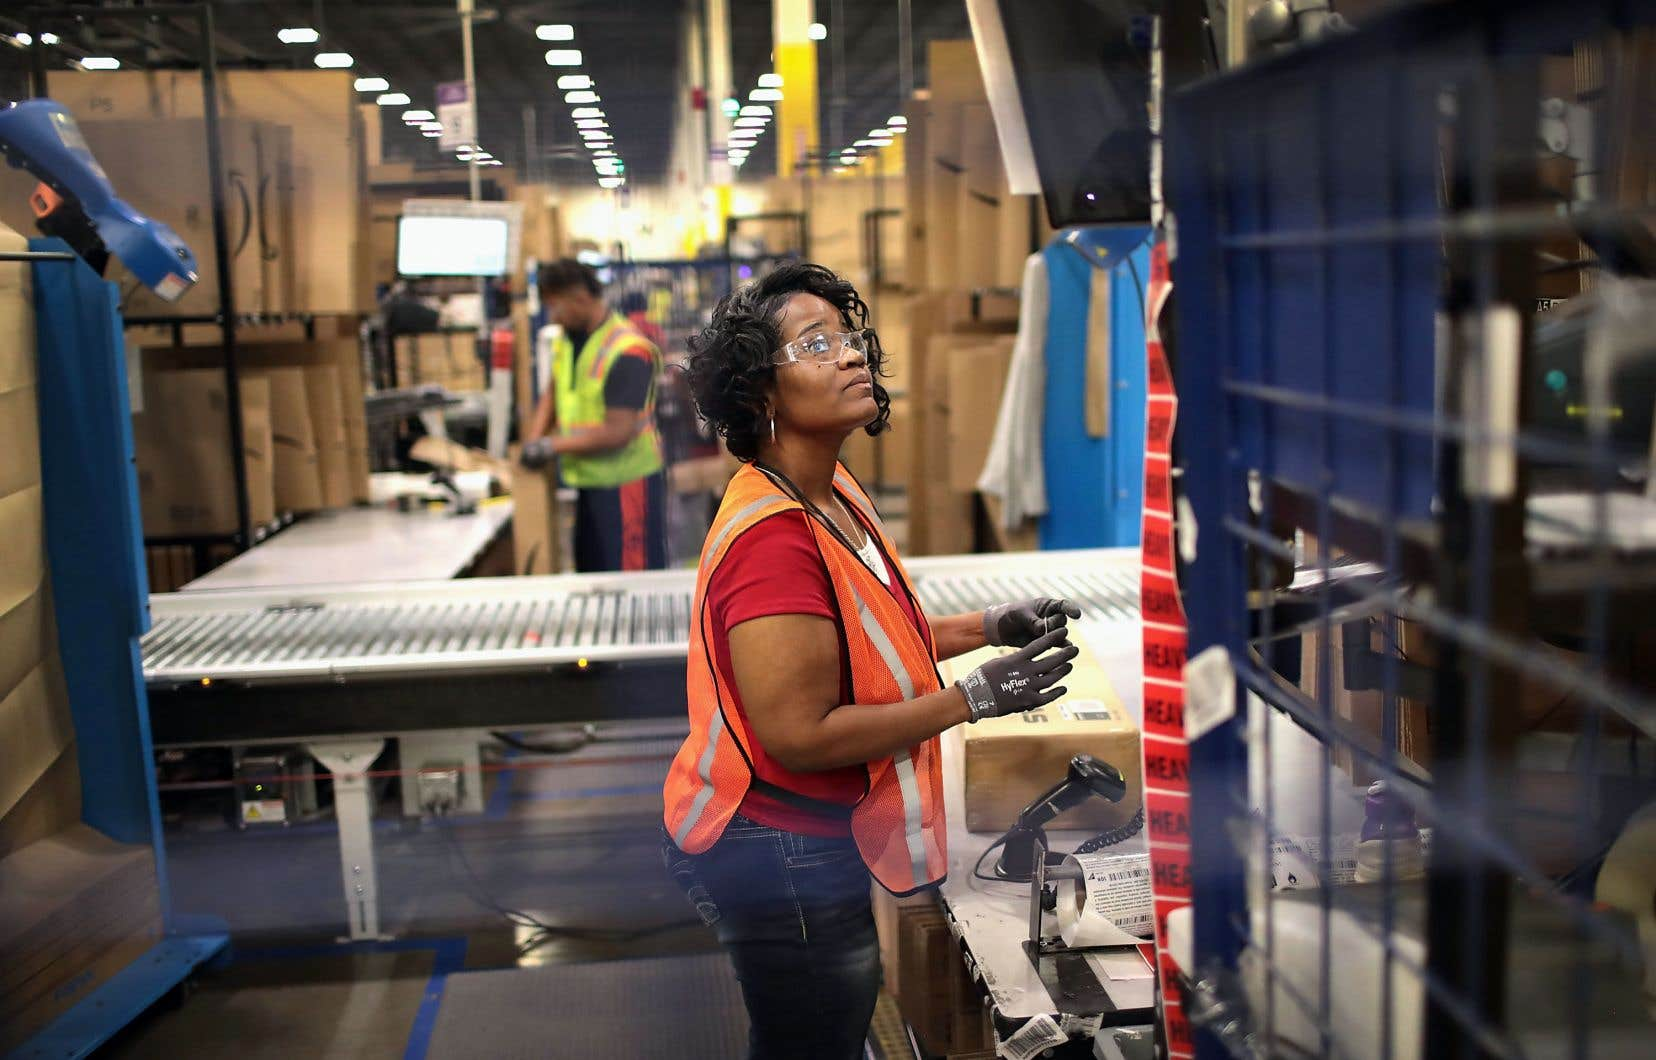 Des experts préviennent les gouvernements qu'une hausse trop marquée et trop rapide du salaire minimum pourrait se révéler contre-productive en minant la compétitivité des entreprises, entre autres.